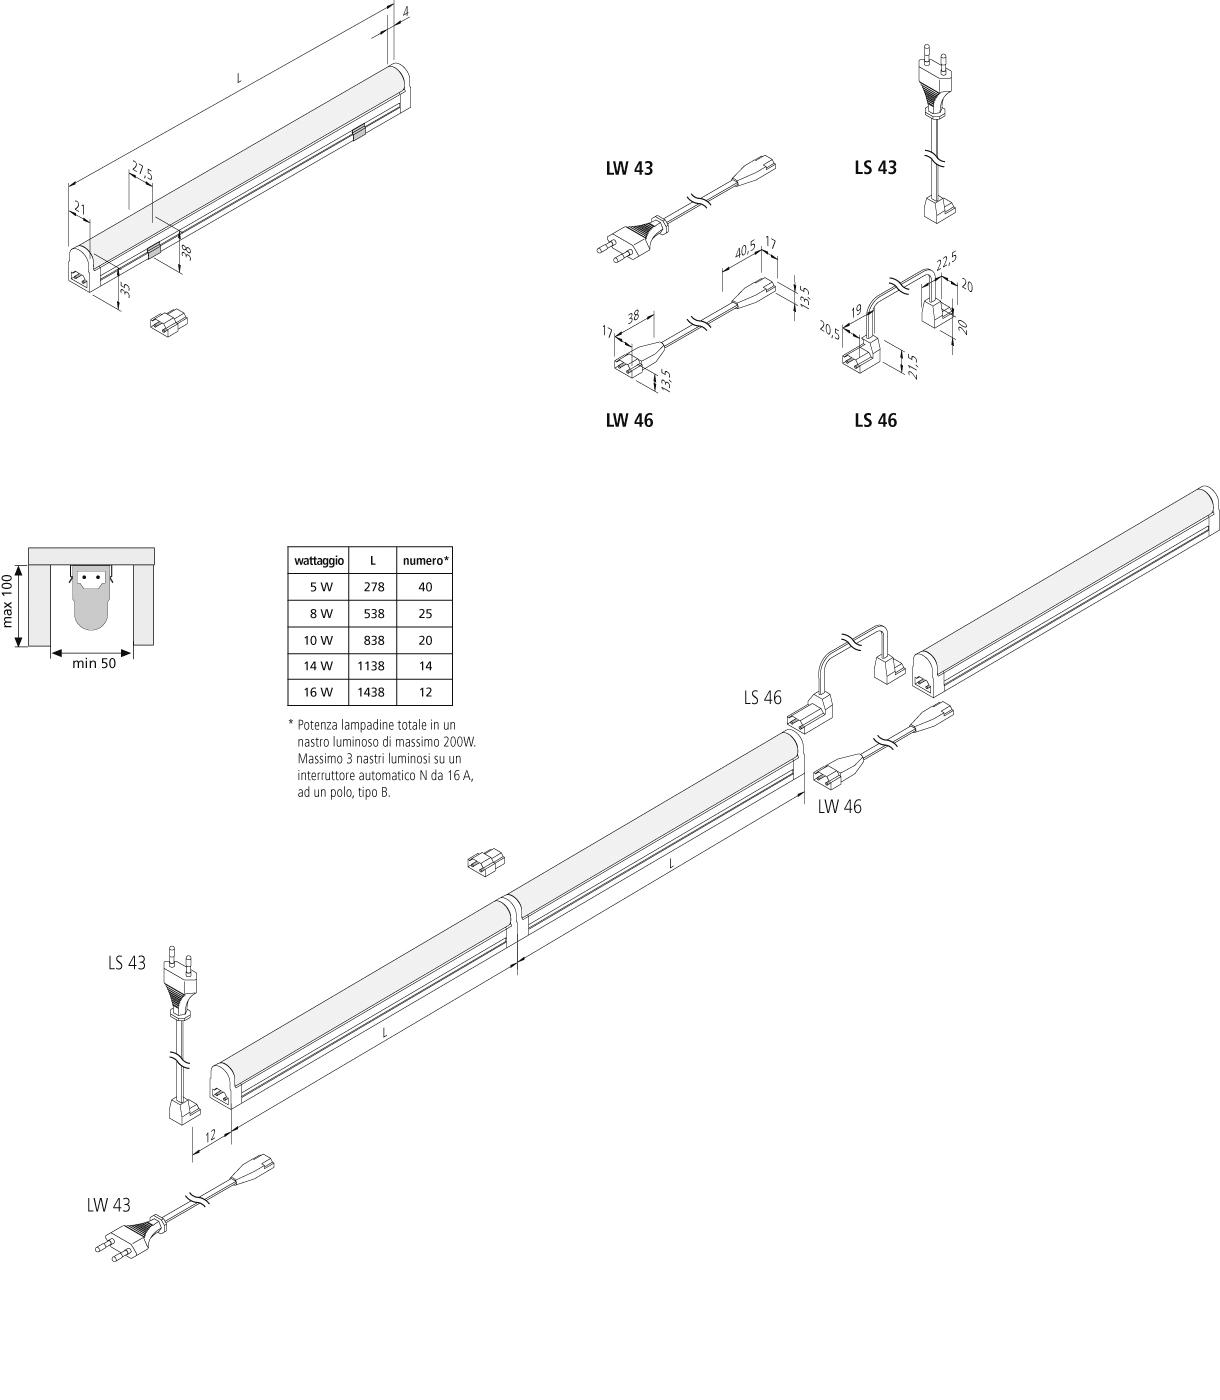 Anteprima: LED-BasicLite-F_VKH_it